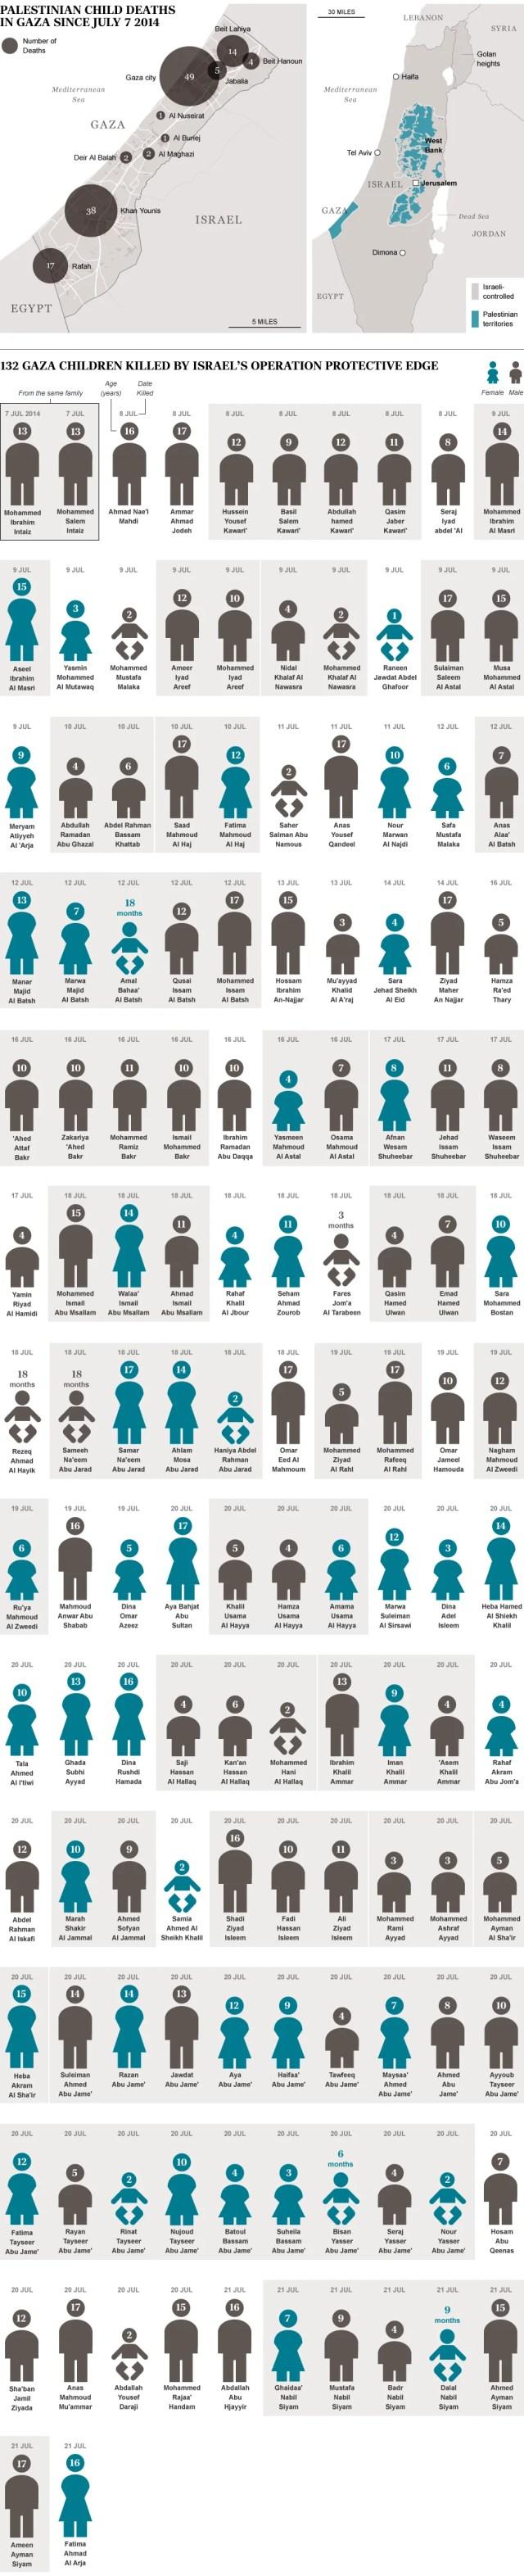 infografica bambini morti a gaza